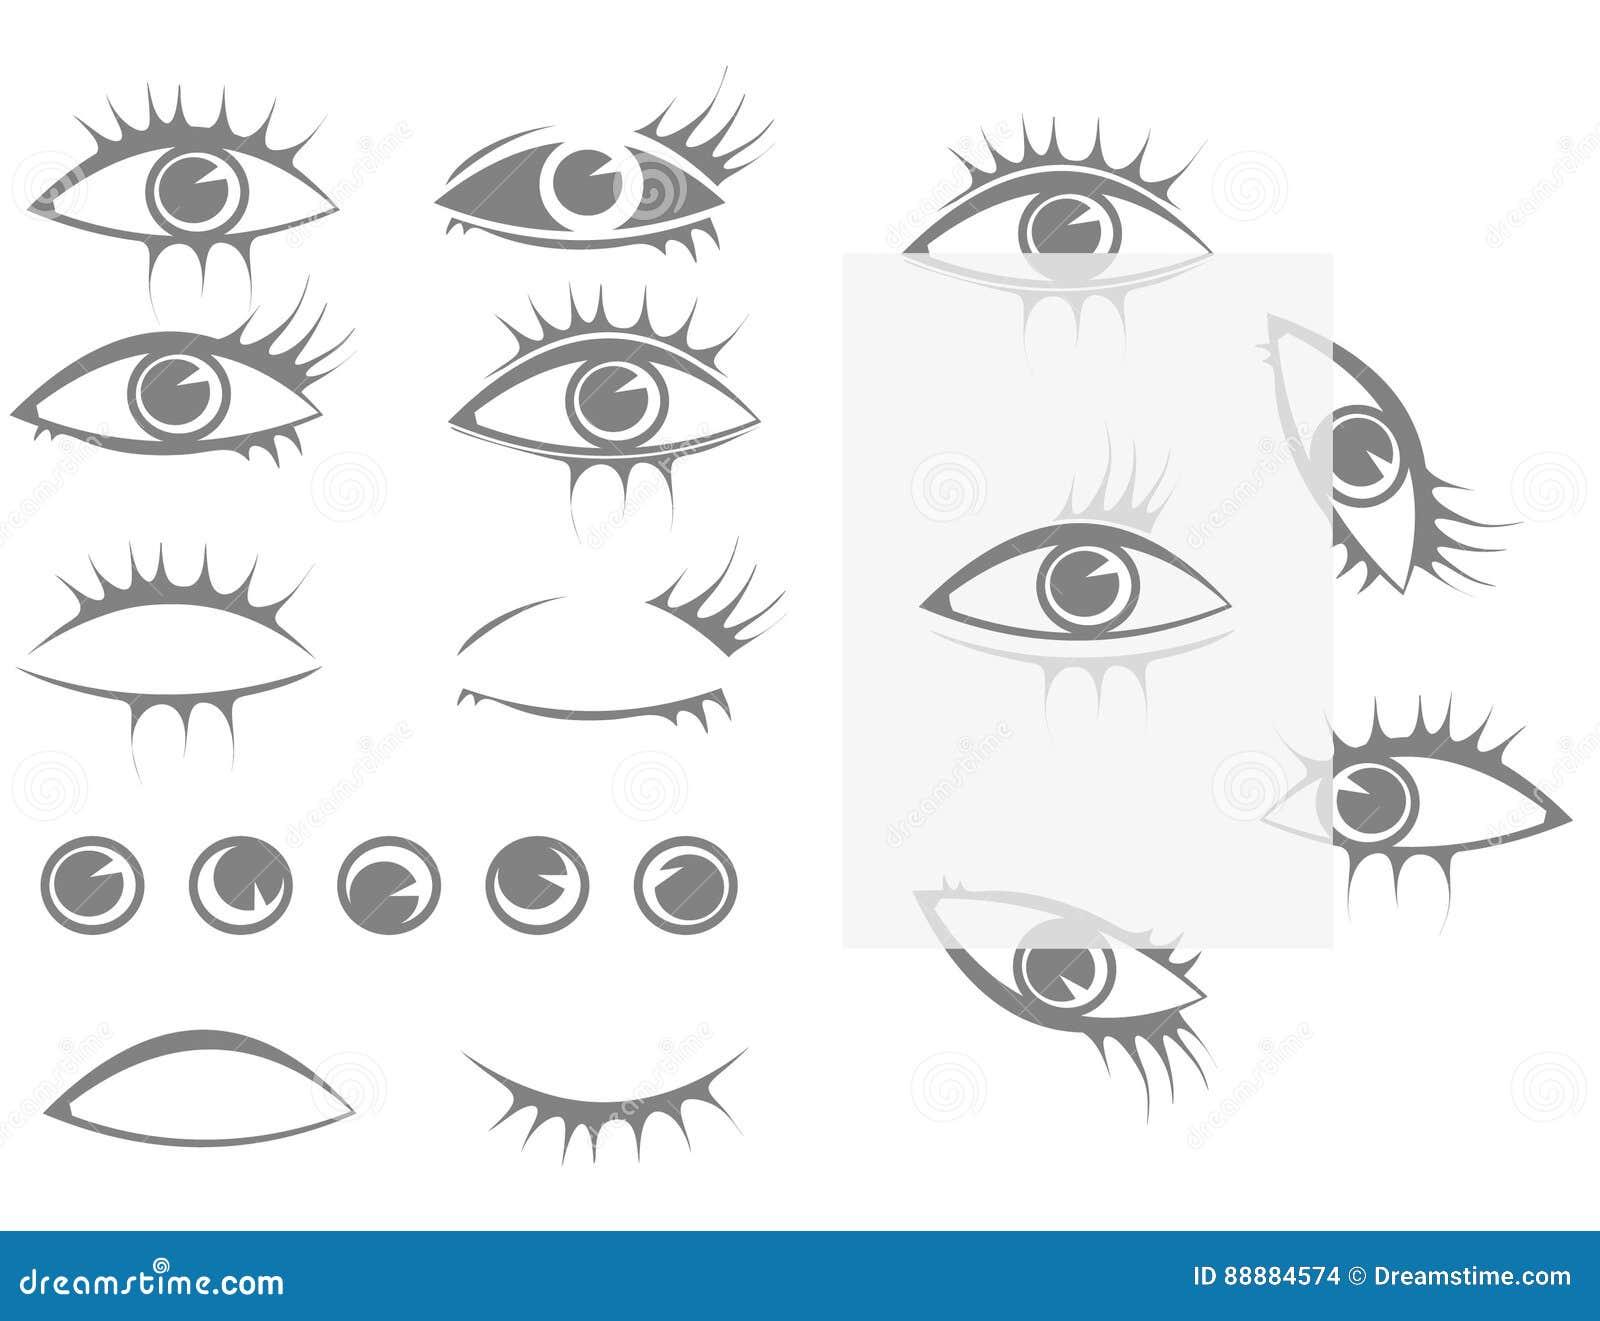 Установите глаза и ресницы